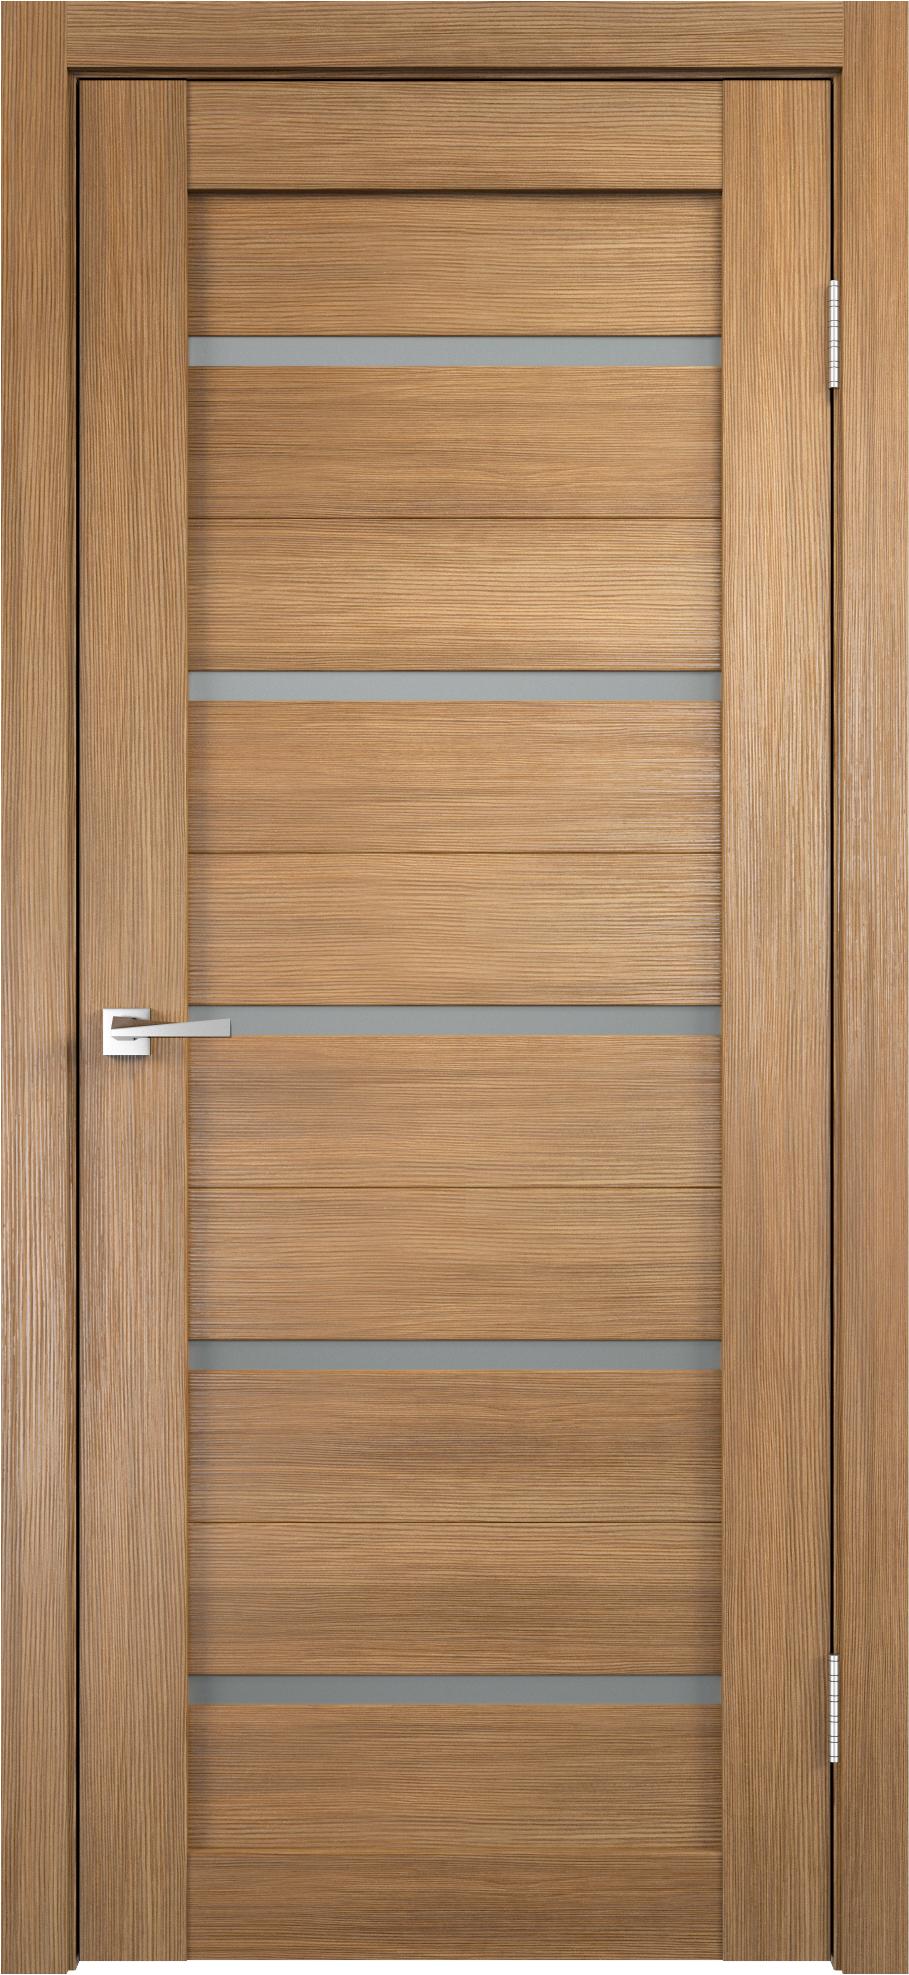 Дверь межкомнатная VELLDORRIS - DUPLEX 1 - золотой ДУБ (600мм) (экошпон)